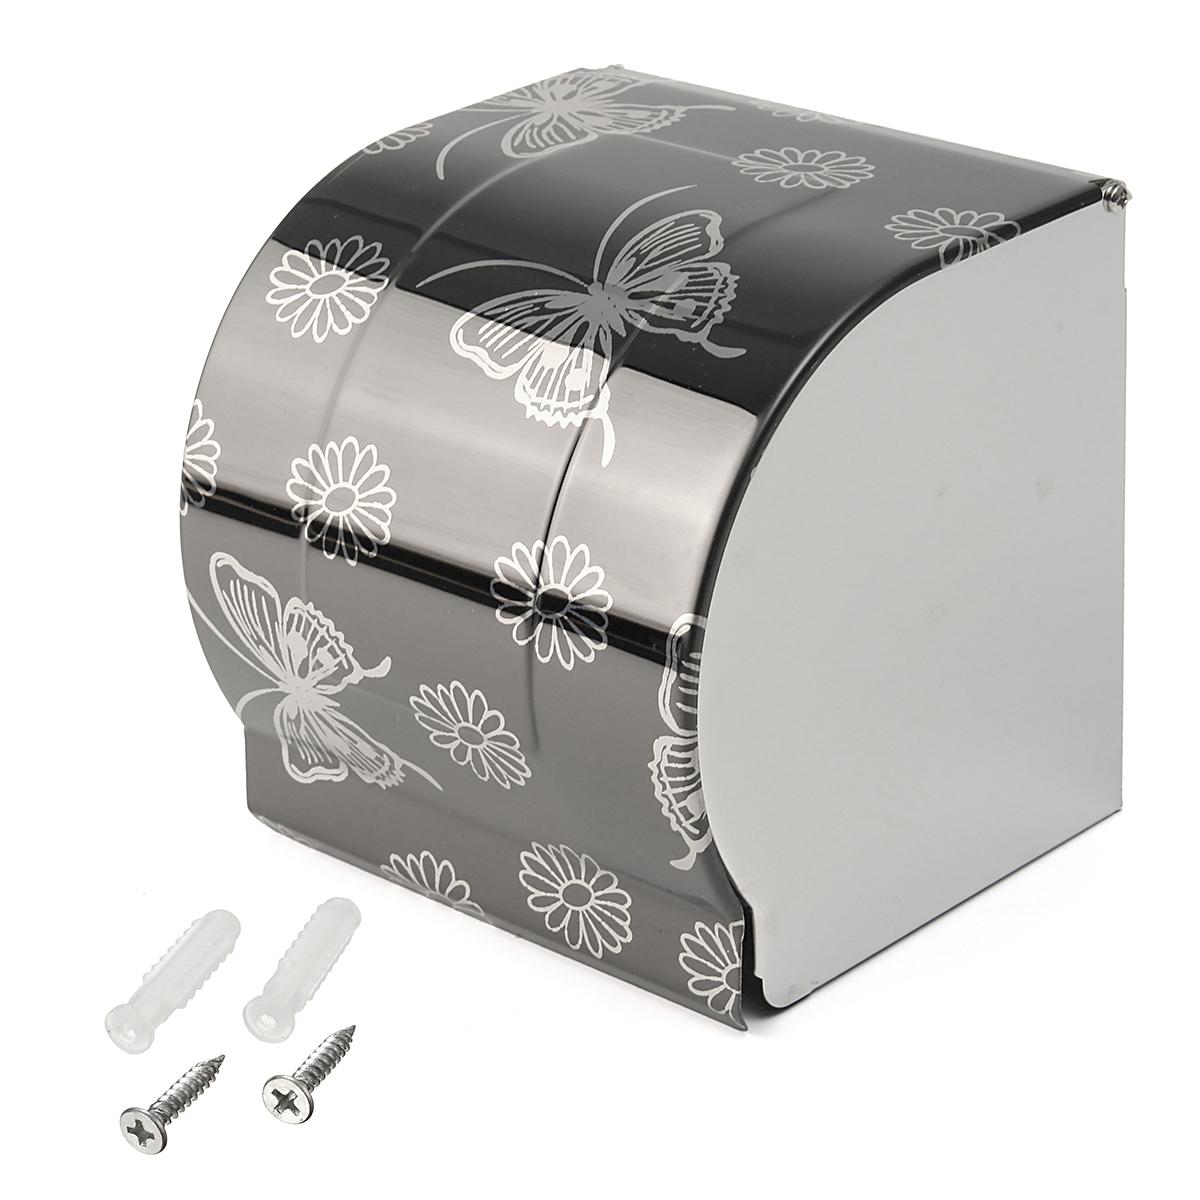 Salle De Bains Toilettes Difference ~ tempsa porte papier hygi nique rouleau papillon salle de bains